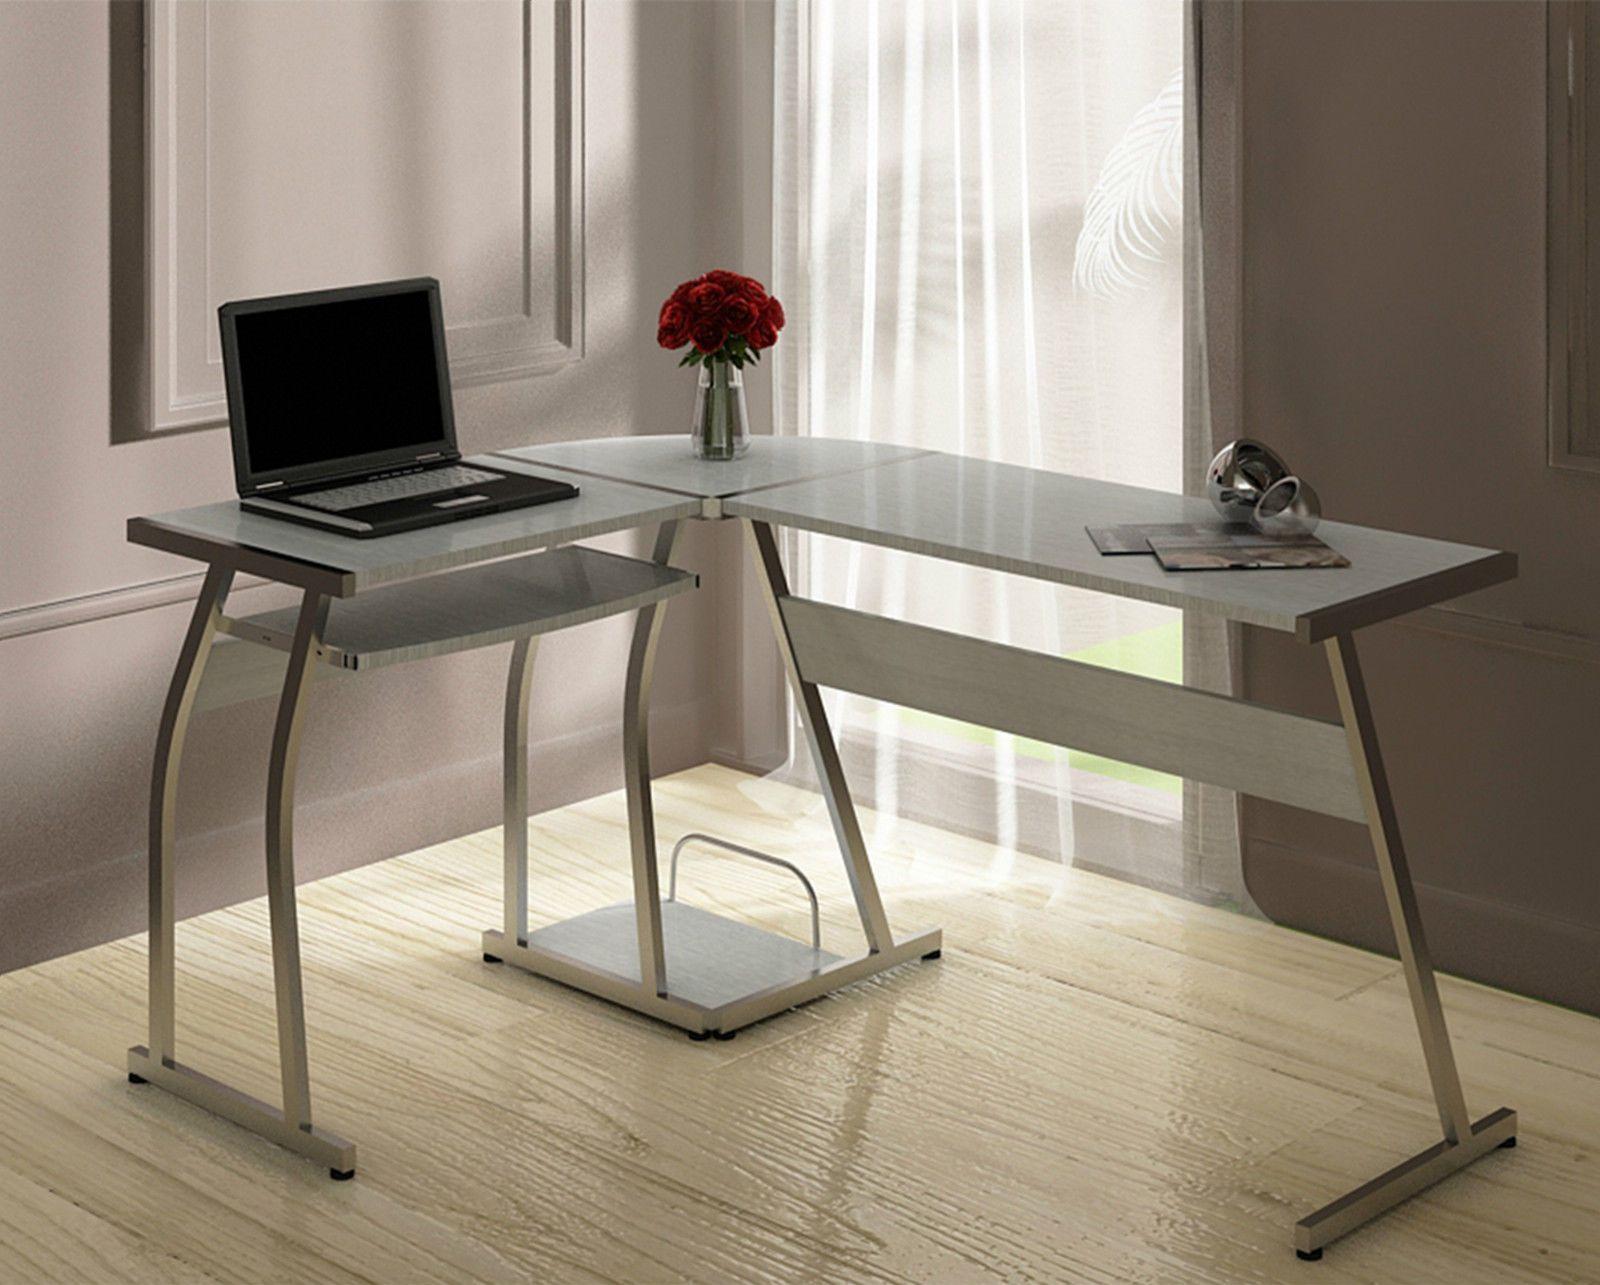 Sleek Desk Grey L Shape Desk Homeoffice Desk Grey Httpabreo.co.ukhome